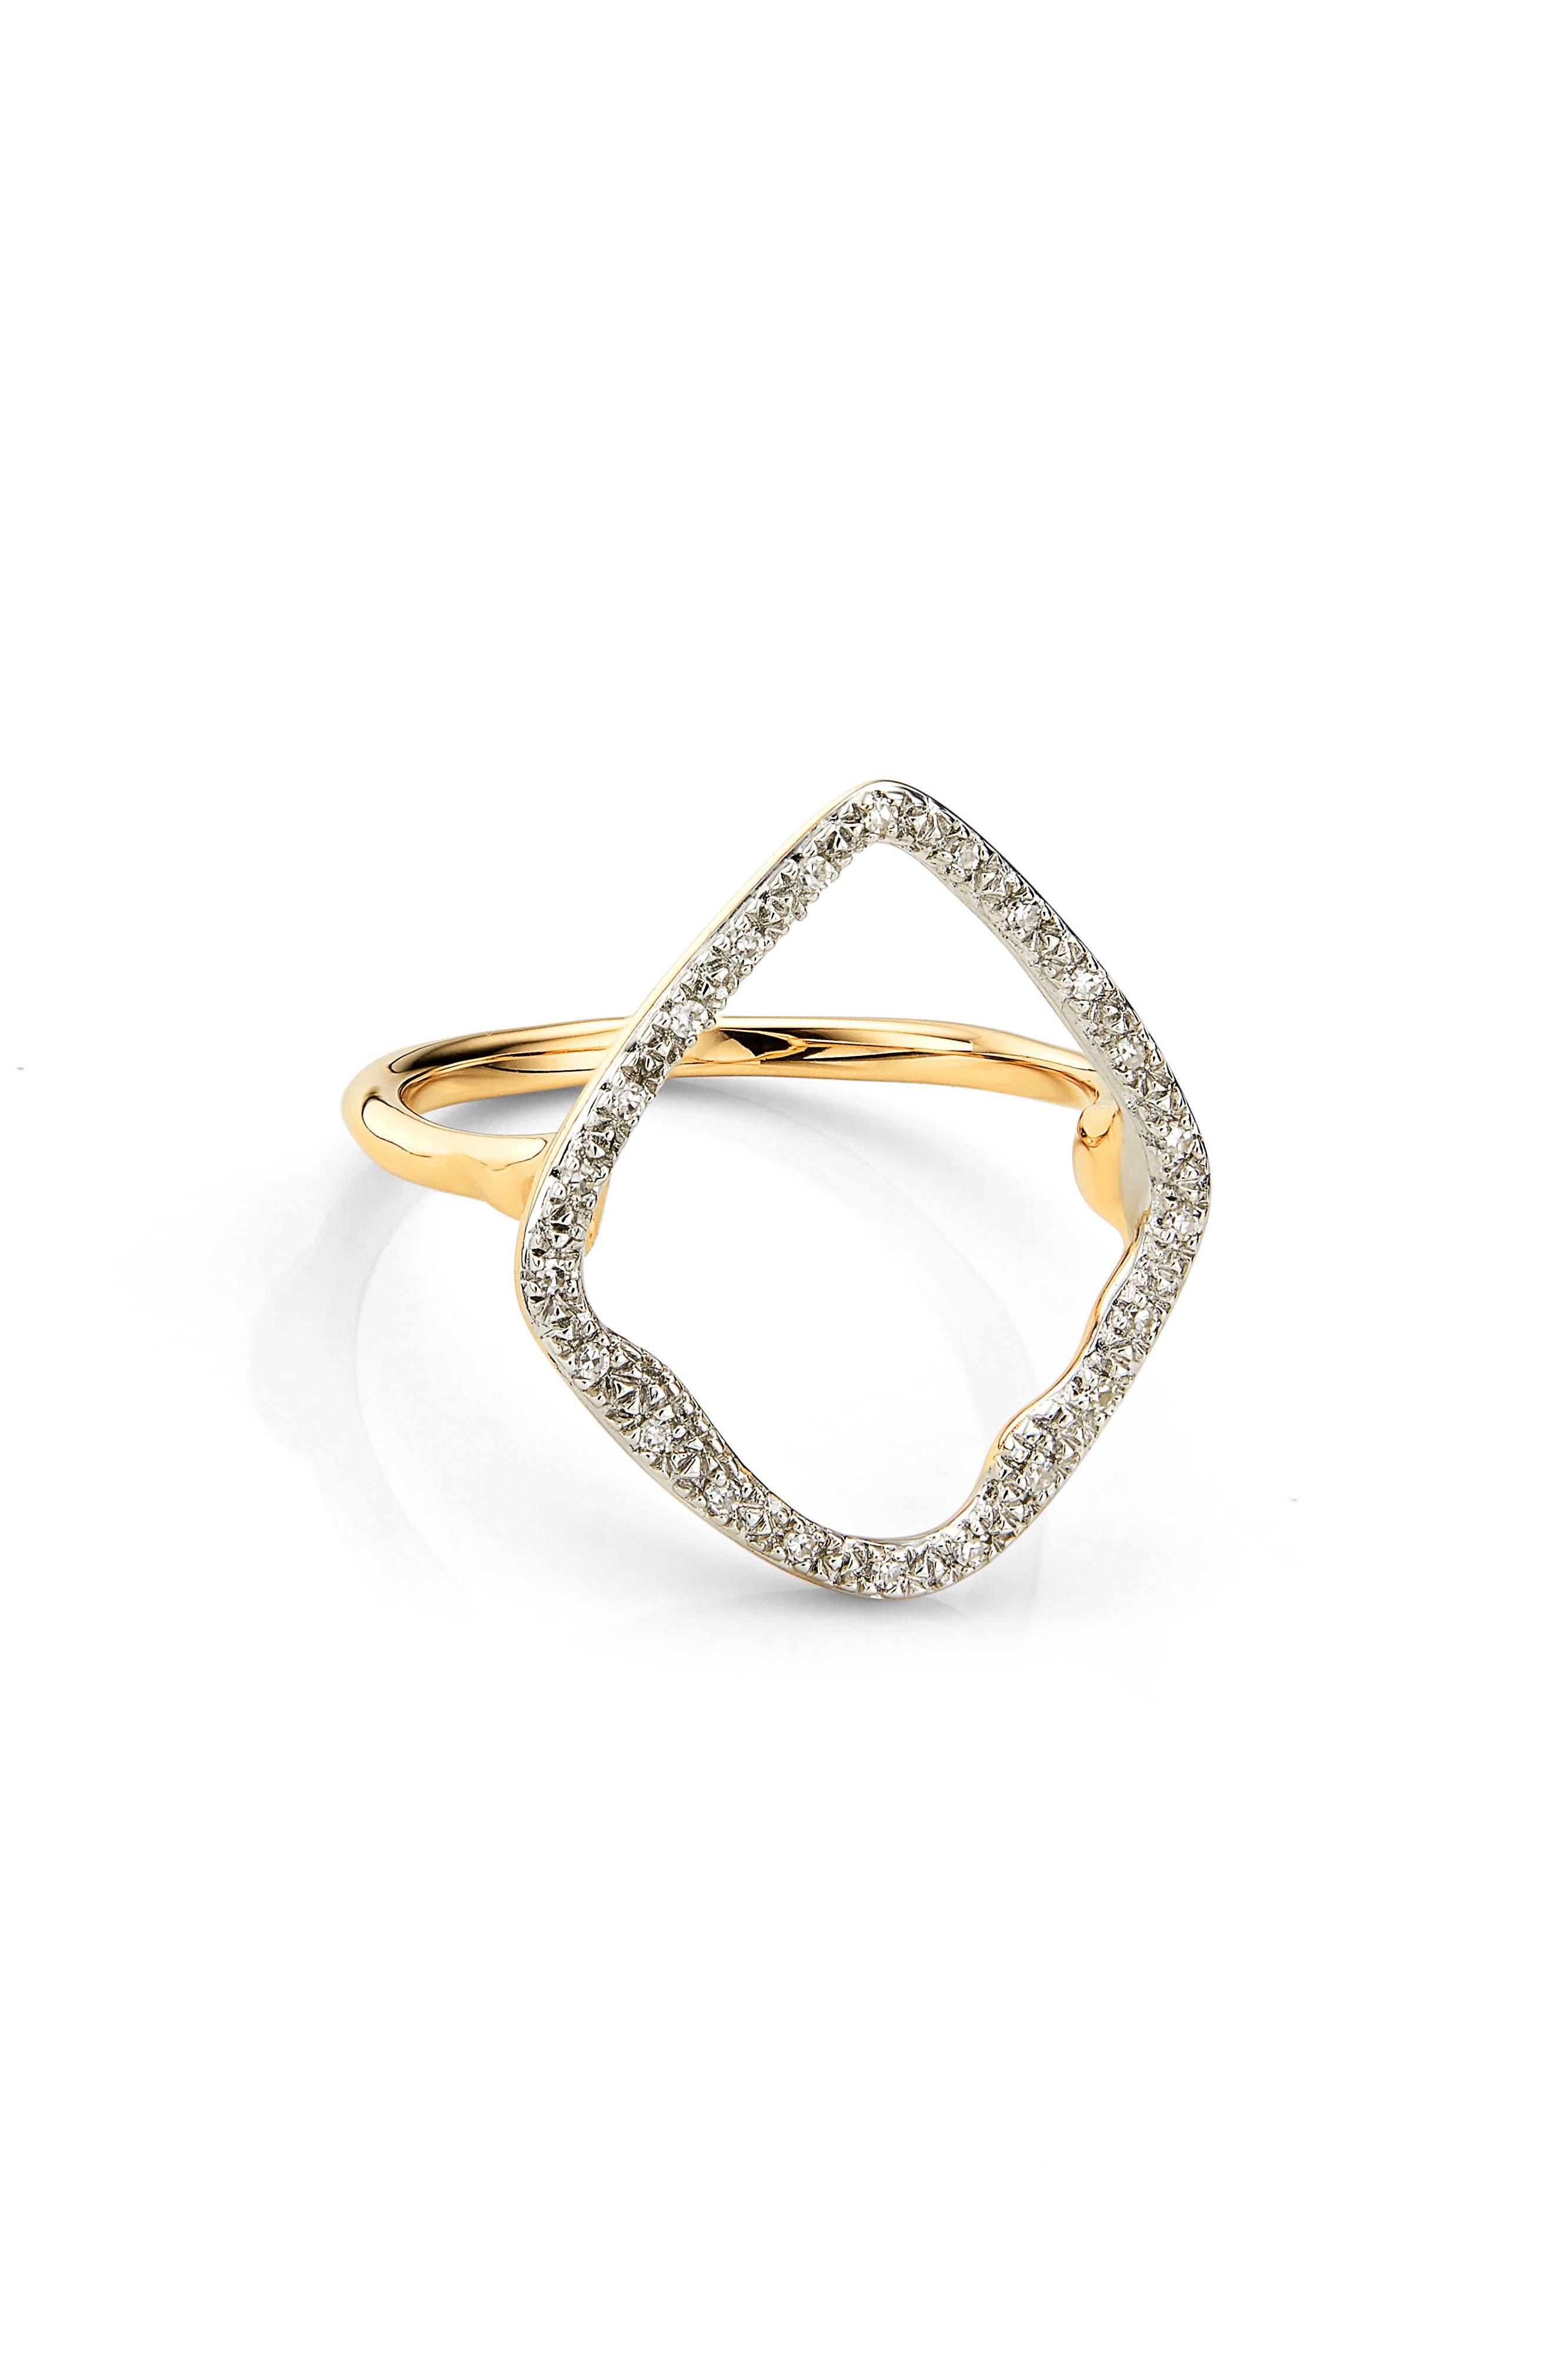 Monica Vinader Riva Hoop Diamond Ring